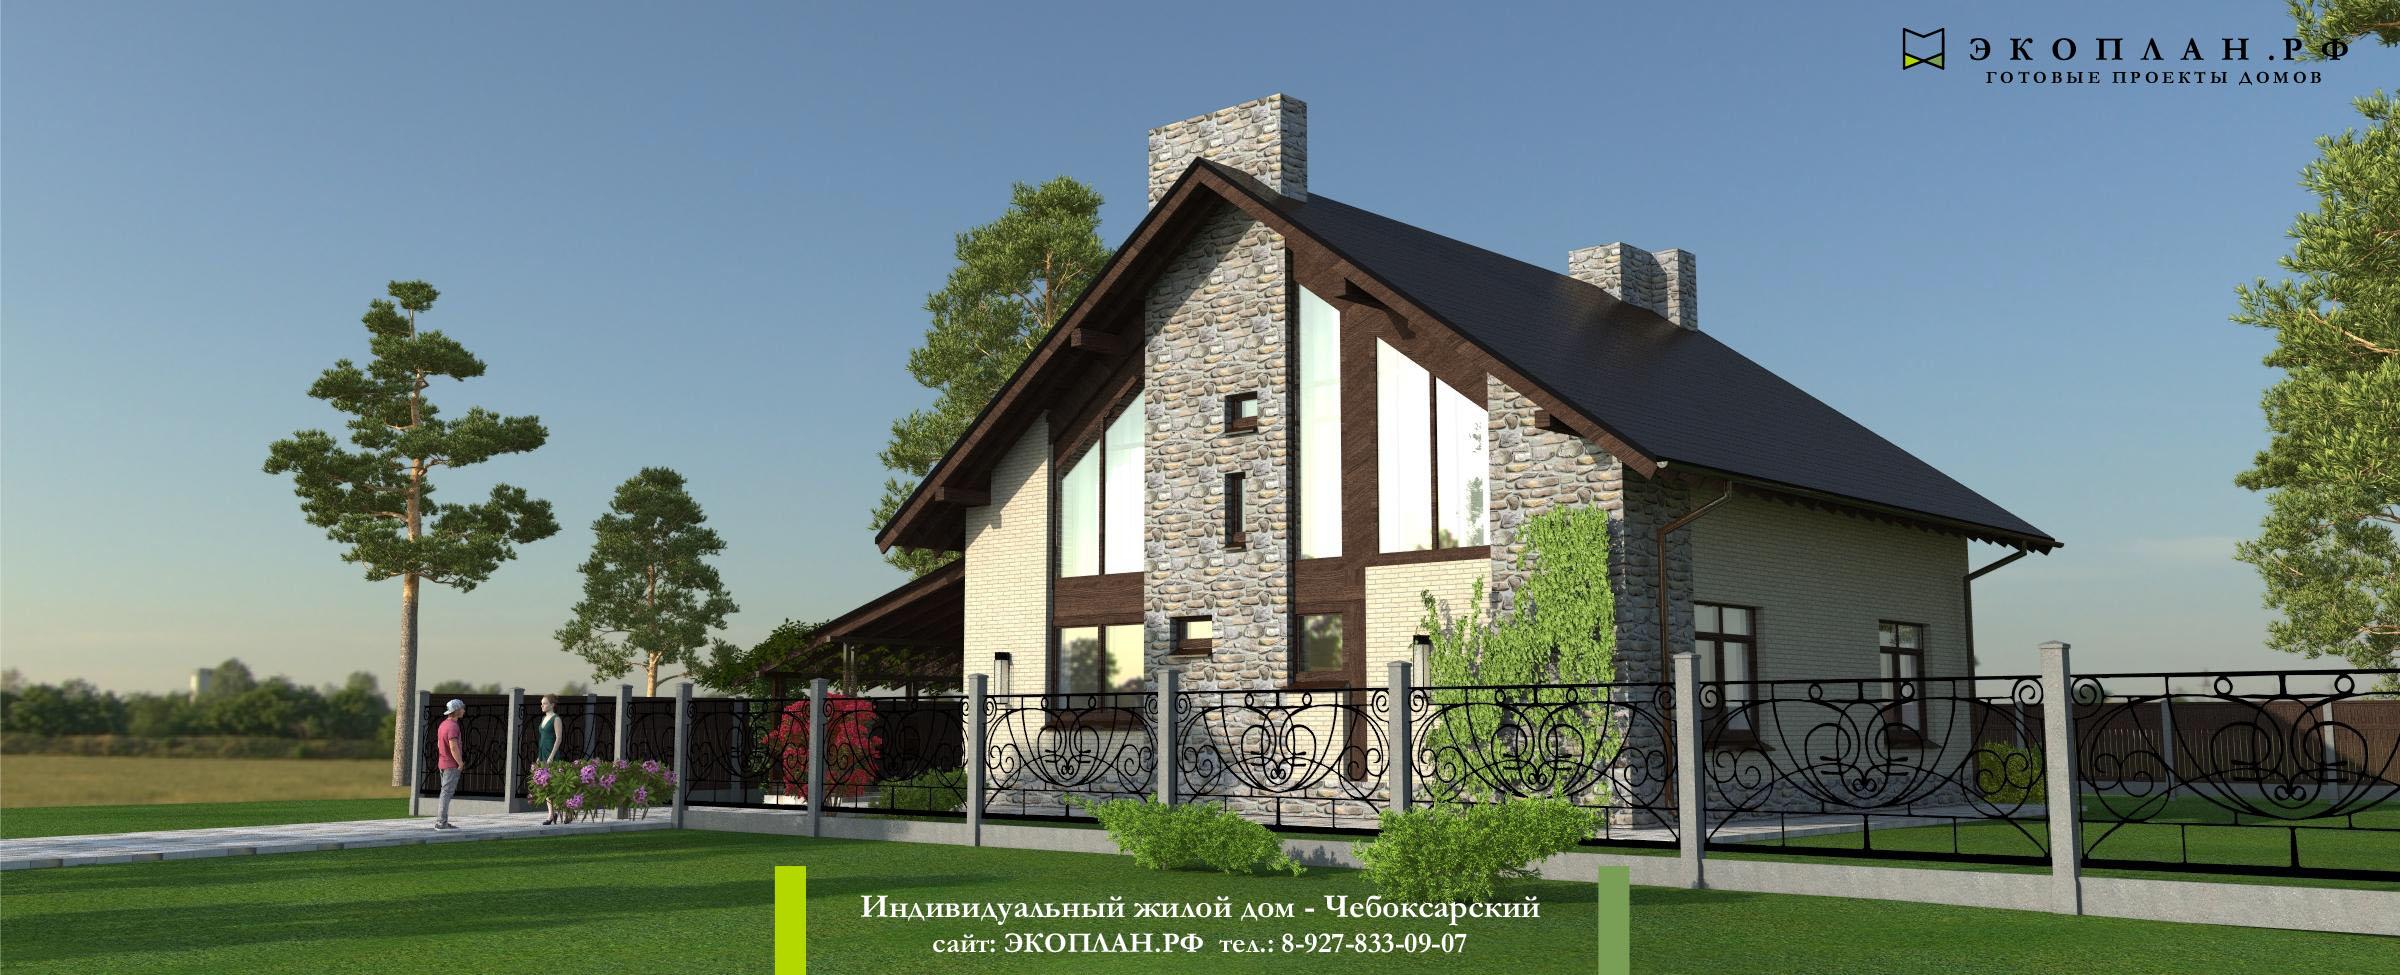 Чебоксарский - Готовый проект дома - Экоплан.рф фасад